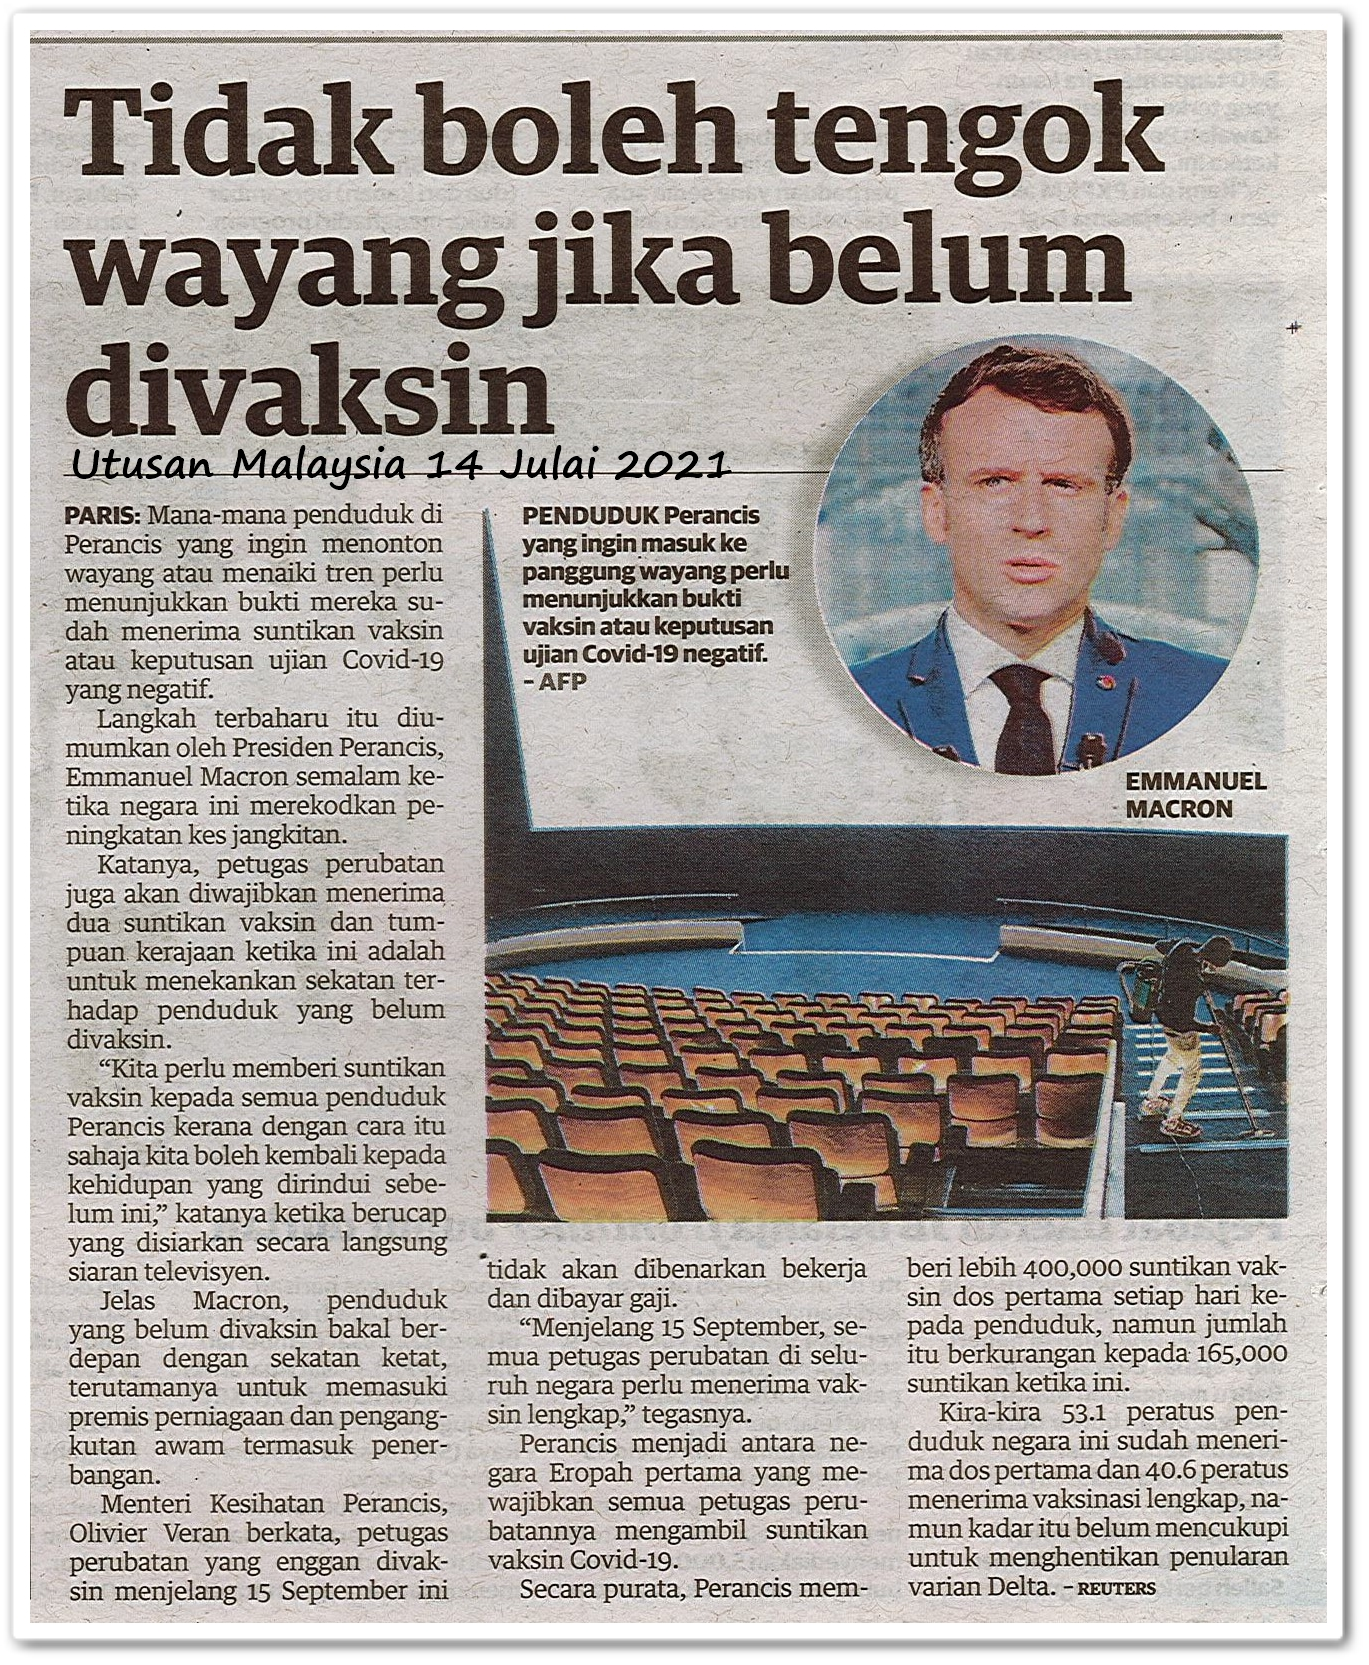 Tidak boleh tengok wayang jika belum divaksin - Keratan akhbar Utusan Malaysia 14 Julai 2021